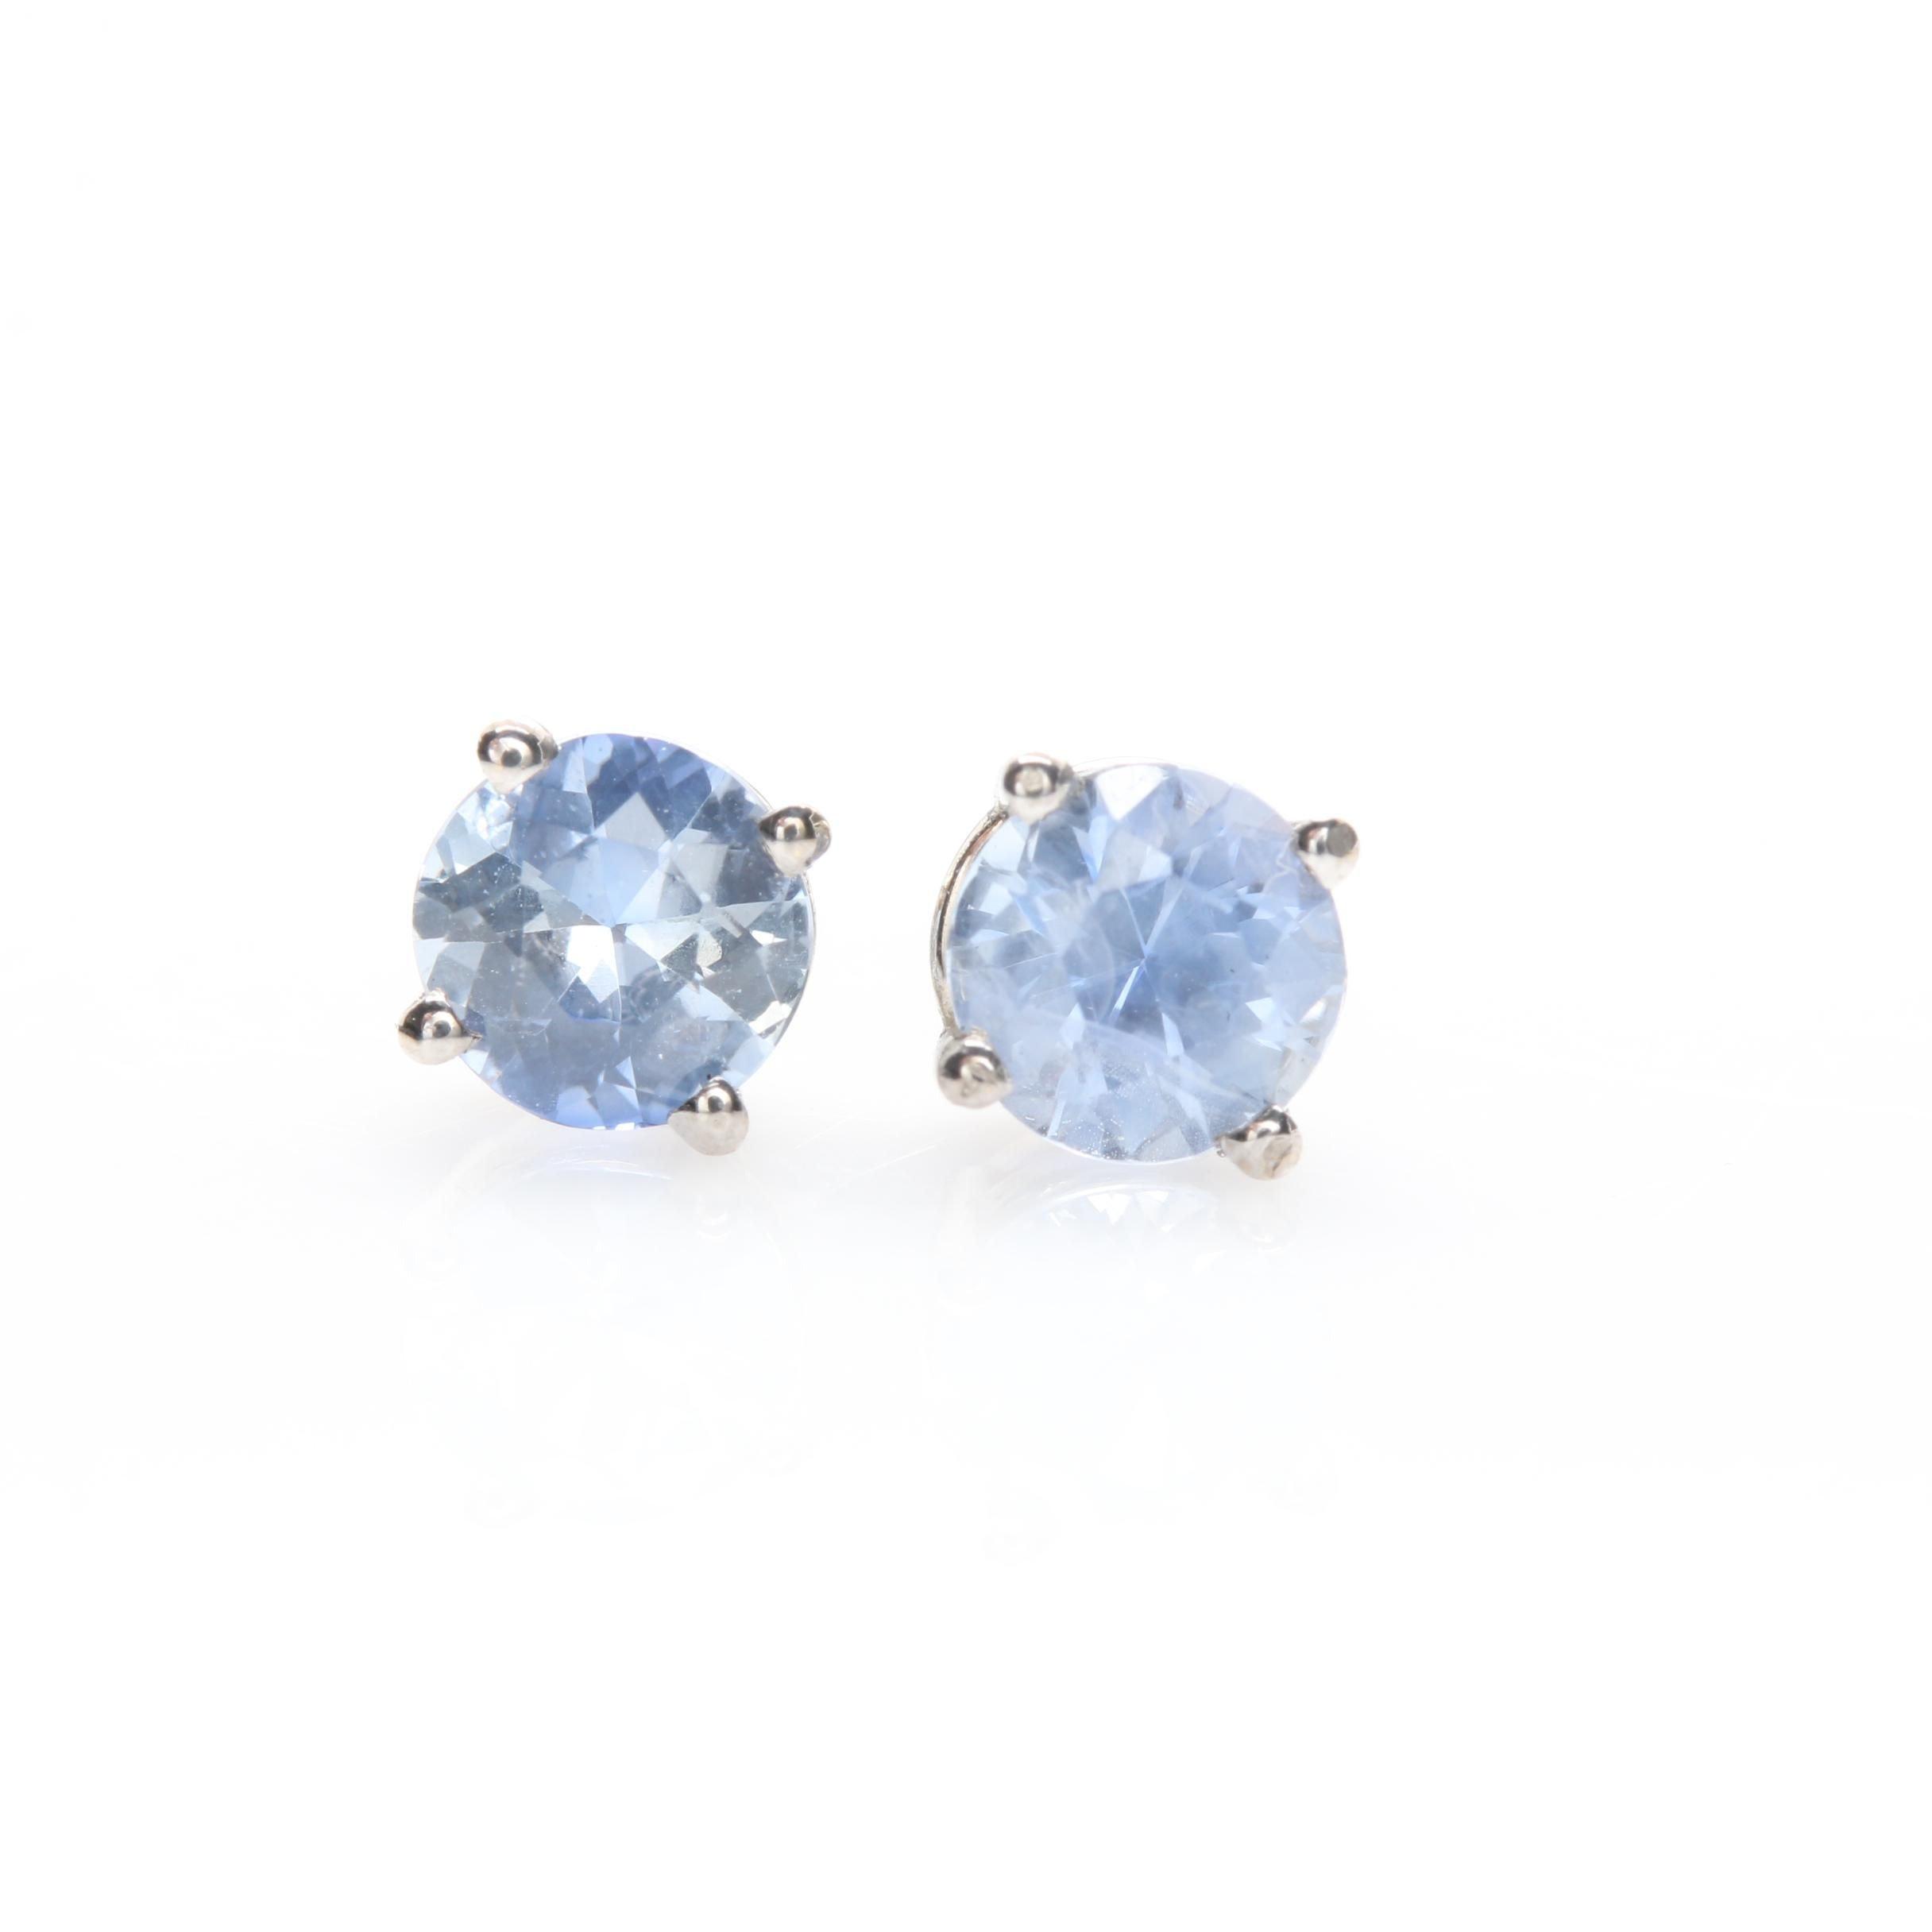 14K White Gold Blue Sapphire Earrings